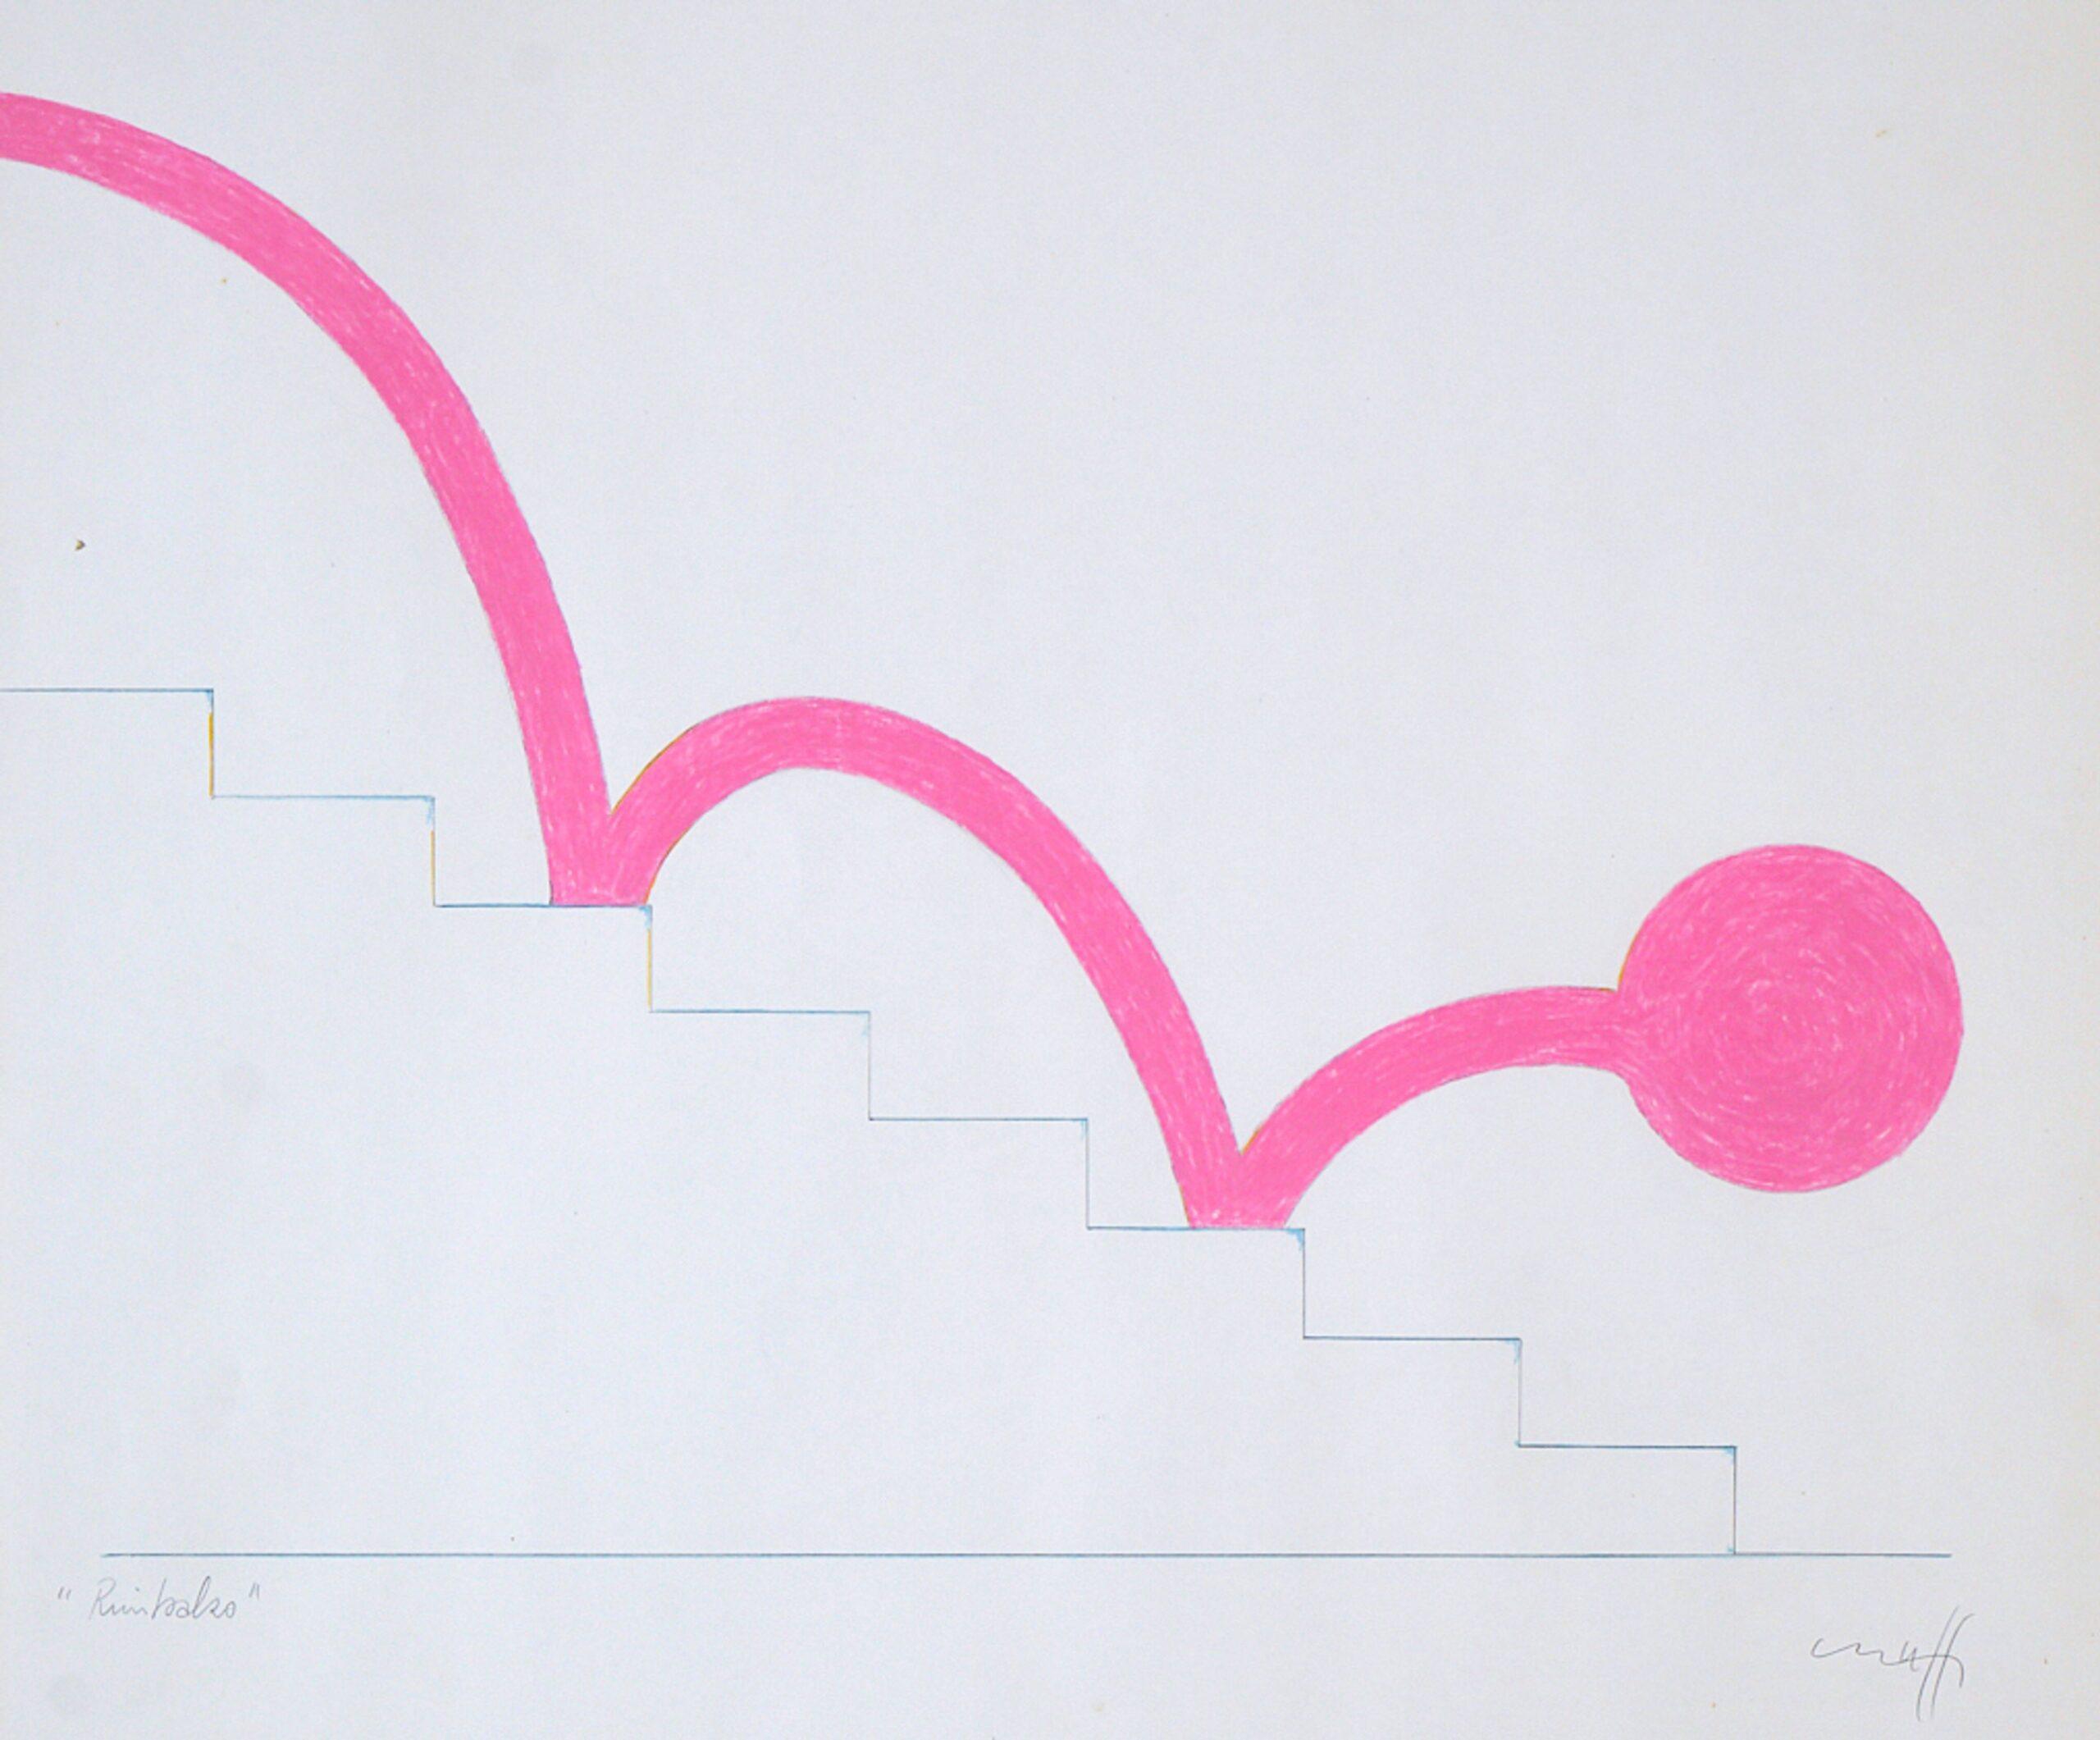 Dal design radicale degliArchizoom all'ironia pop diGianni Ruffi. Sguardi sull'arte dal secondo dopoguerra, a Pistoia